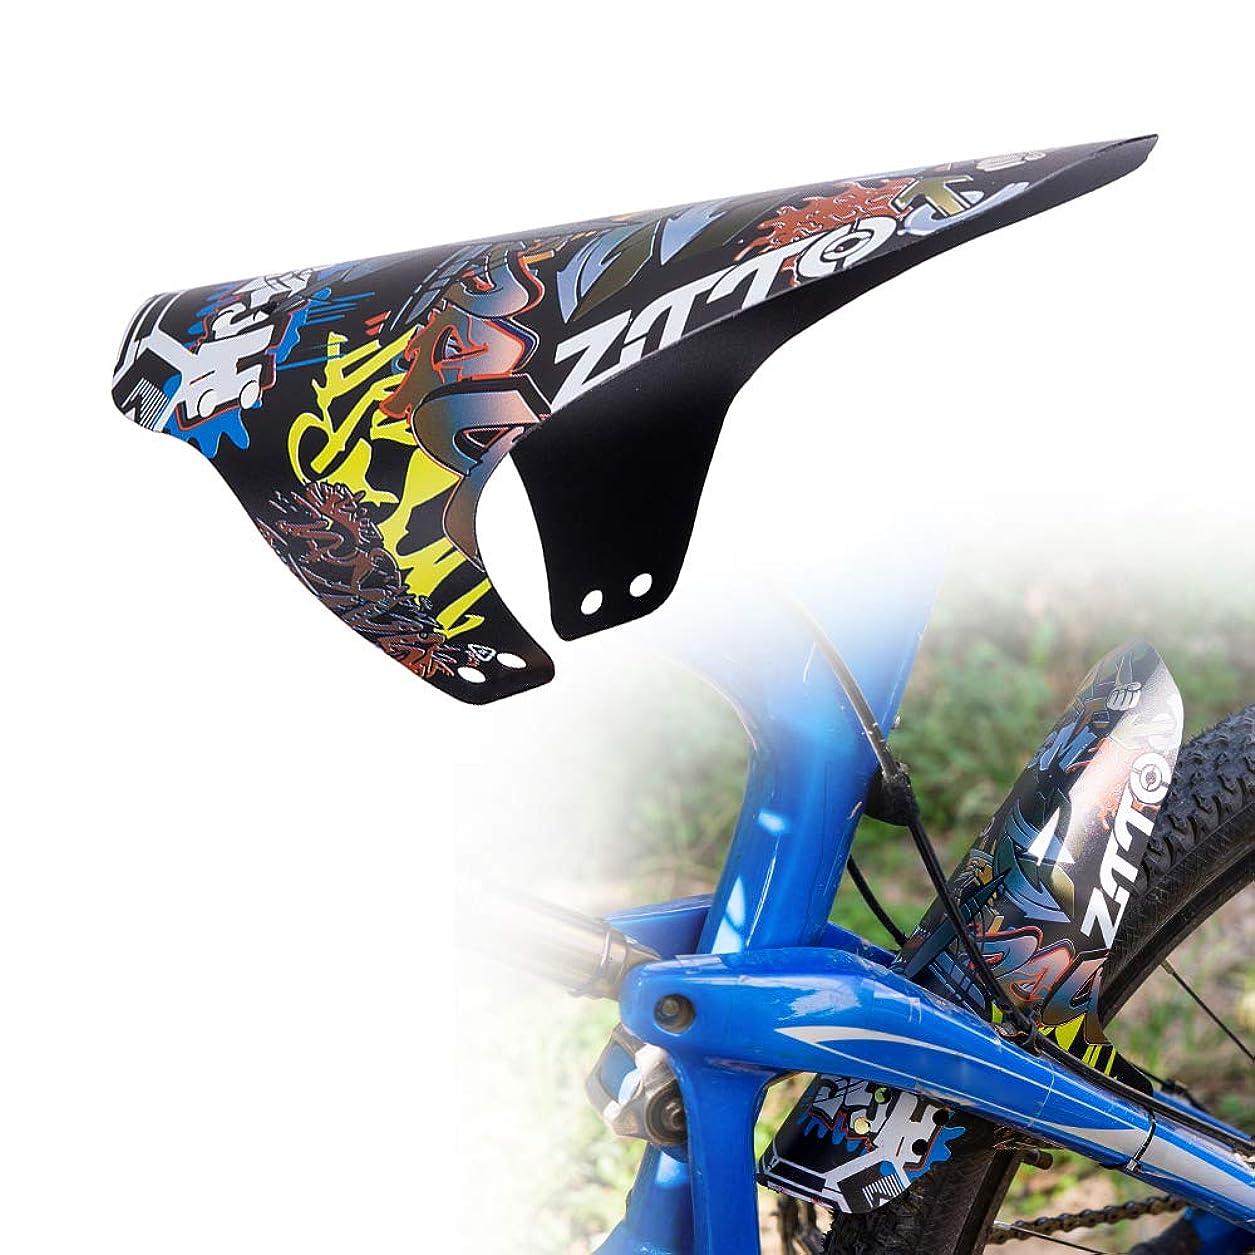 振動させるプール制限LIXADA 自転車フェンダー 前マッドガード 自転車 泥よけ マウンテンバイク用